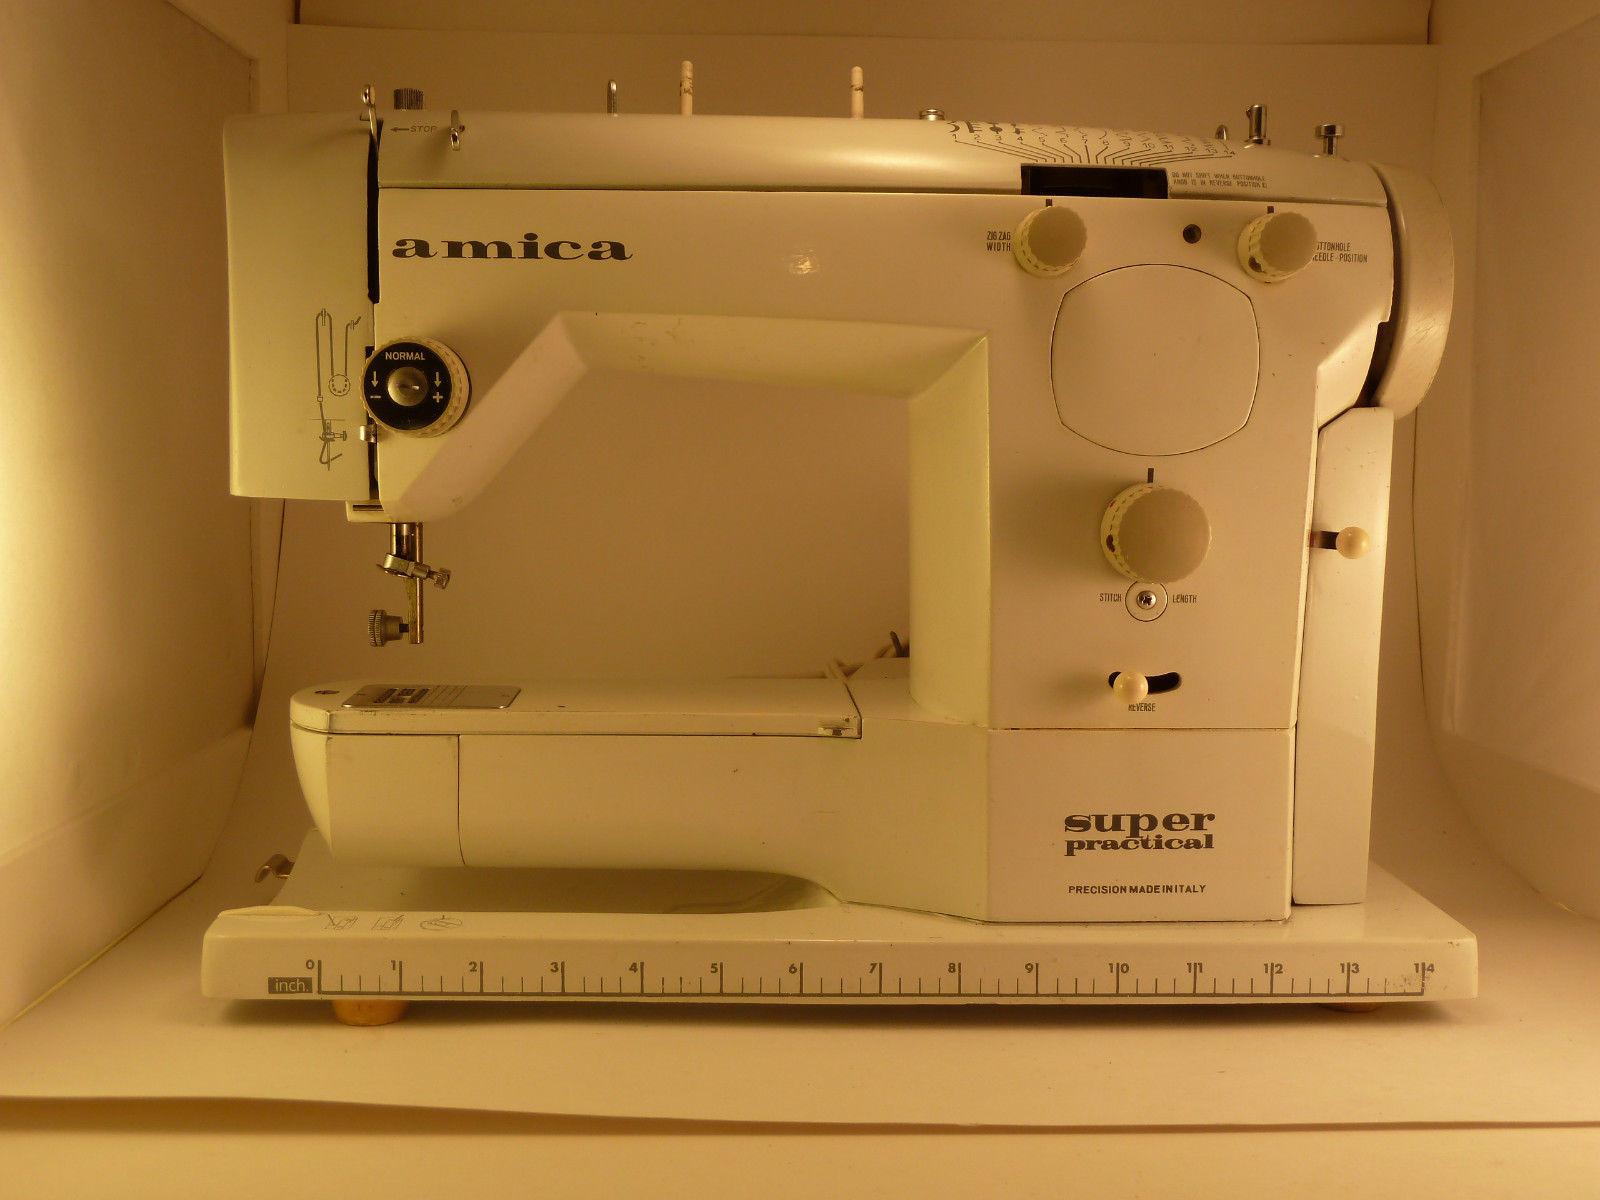 KENMORE SEWING MACHINE NEEDLES ORANGE 15X1 #18 1 PK SINGER